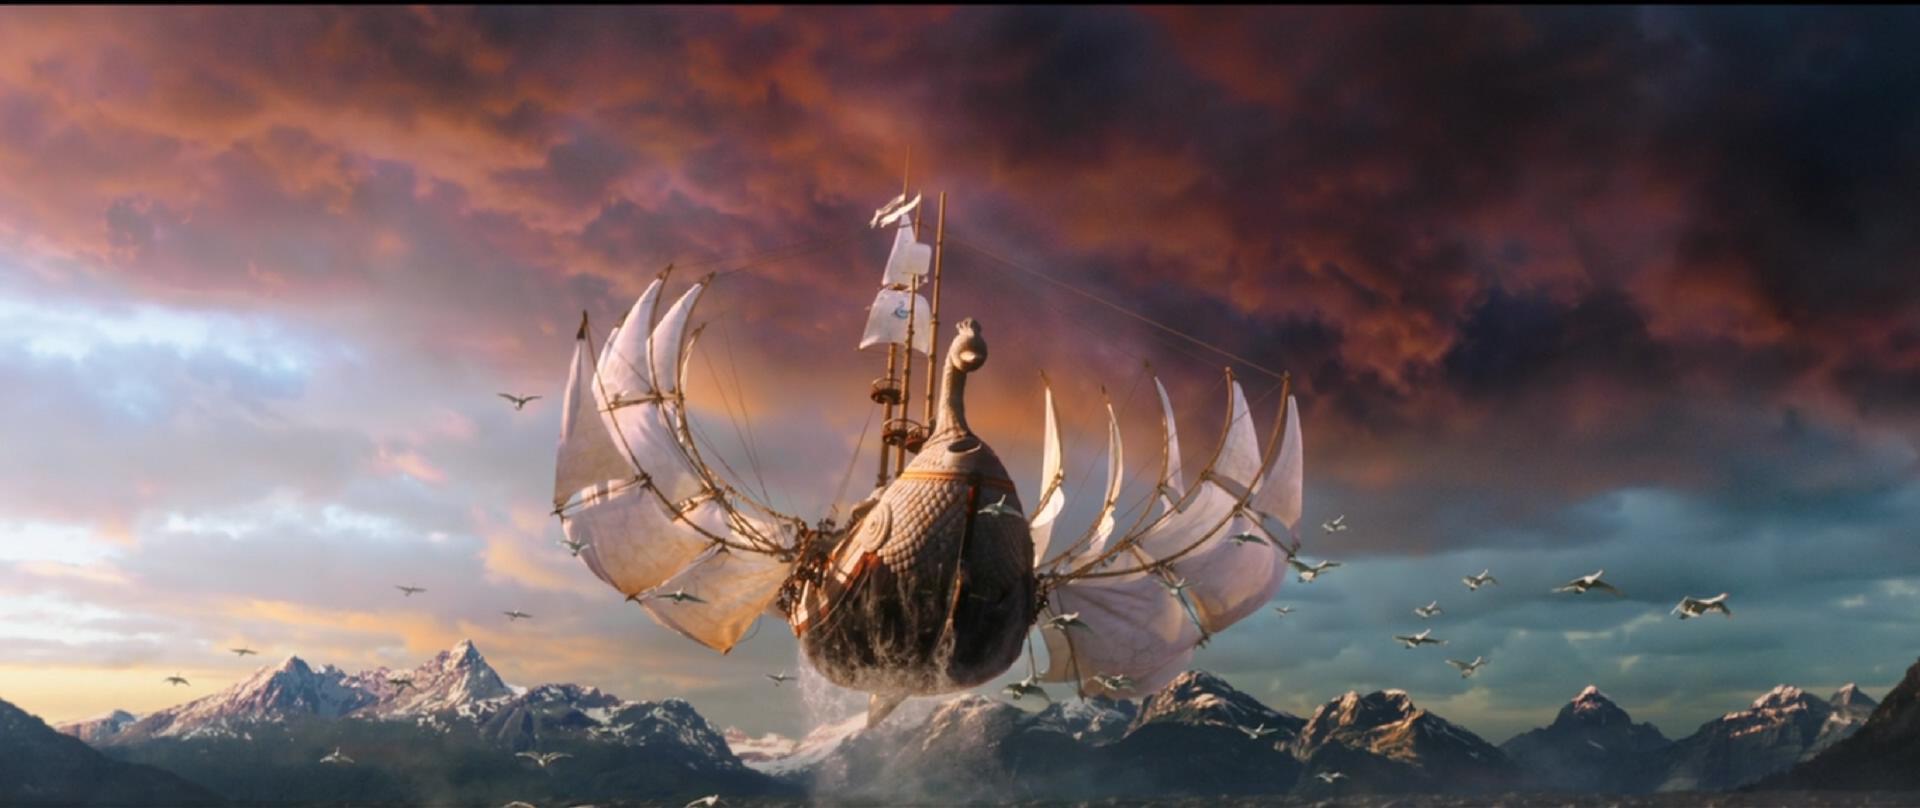 开开咂电影_印度电影的脑洞都非常浮夸,秀恩爱的时候,男女主角坐在一辆小船中